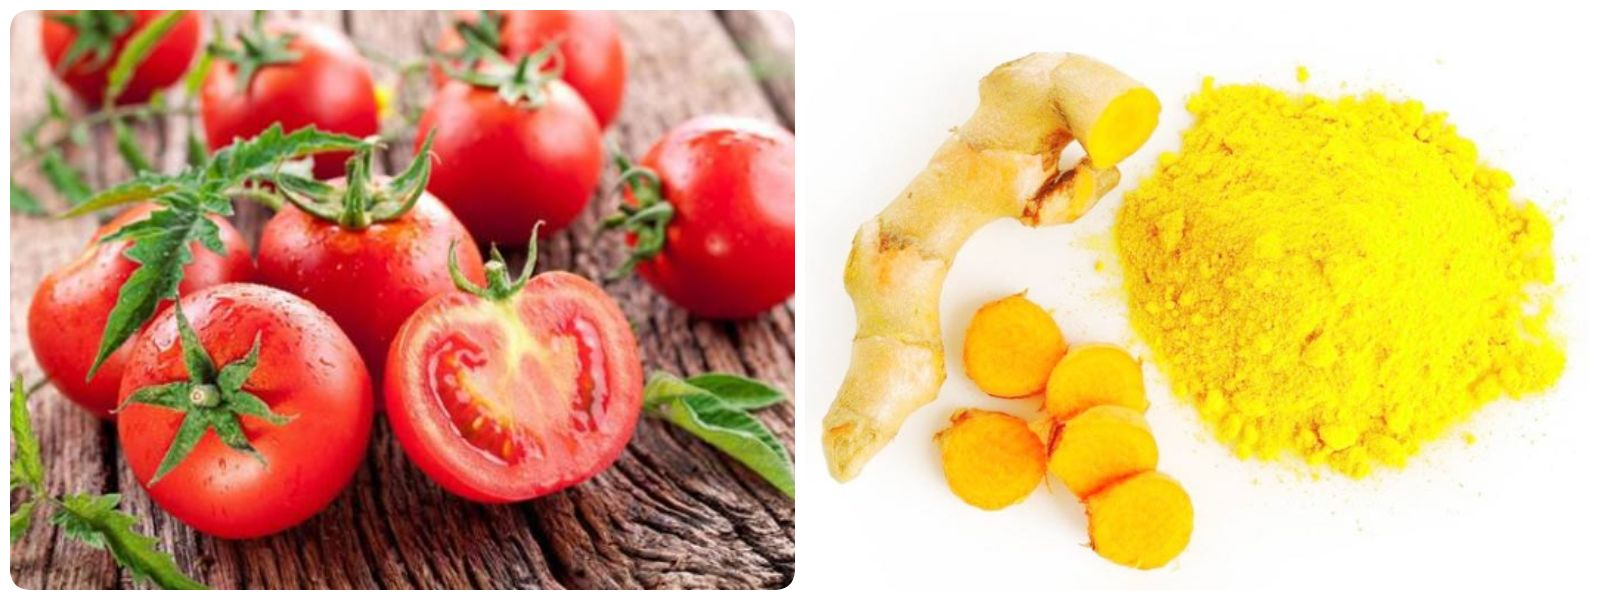 Công thức trị thâm mụn bằng cà chua với tinh bột nghệ